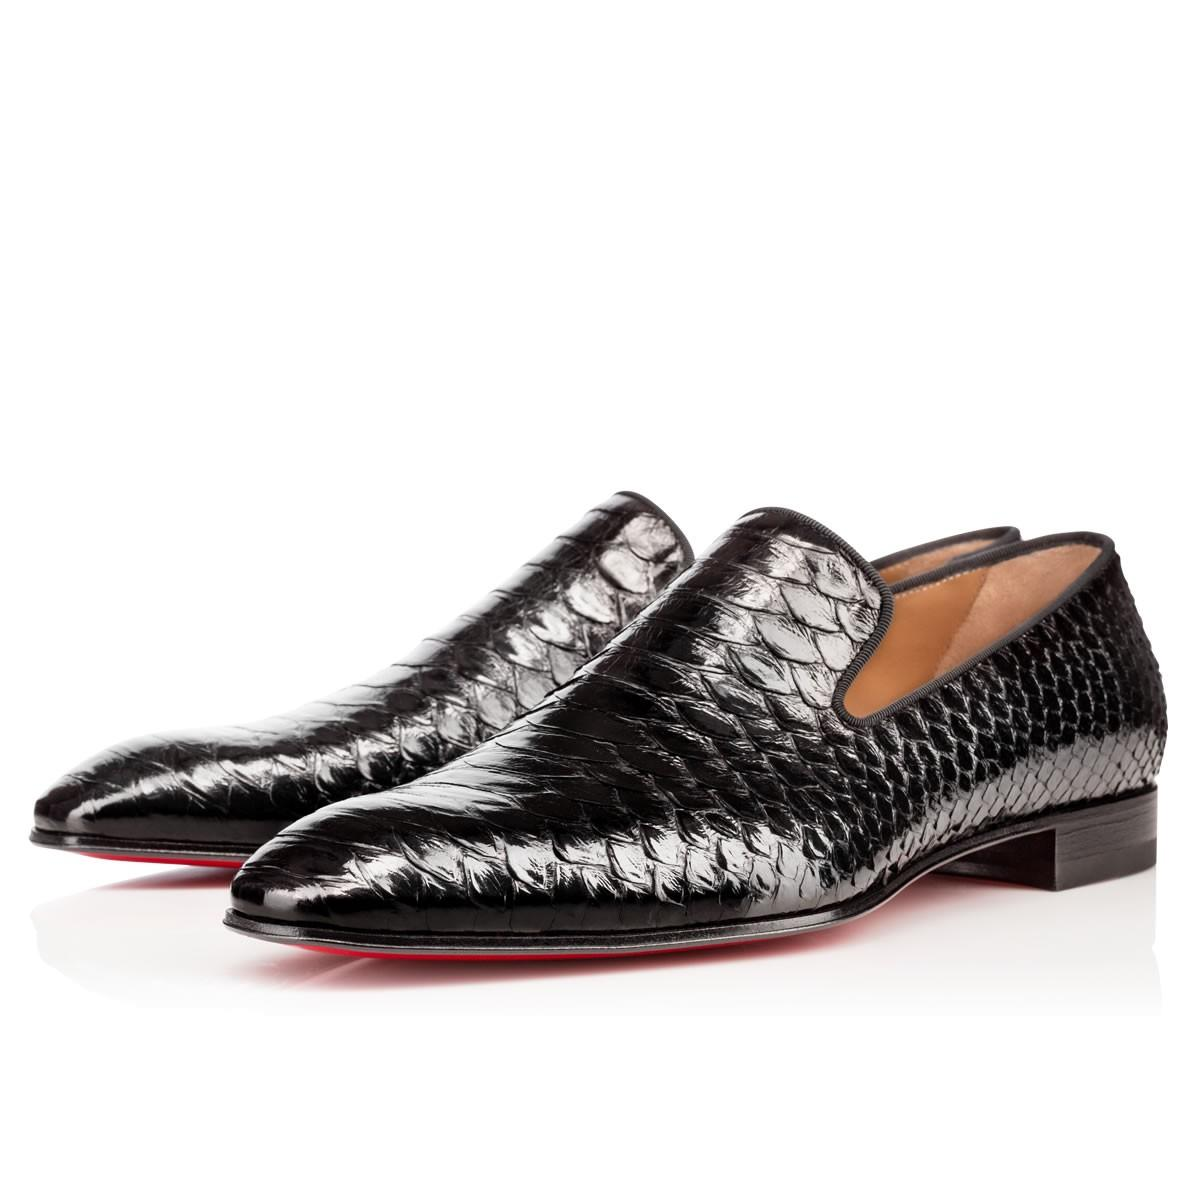 Marque de fond rouge Mocassins luxe Party Chaussures de mariage Designer cuir verni noir robe en daim Chaussures pour Hommes Slip On FlatsL16